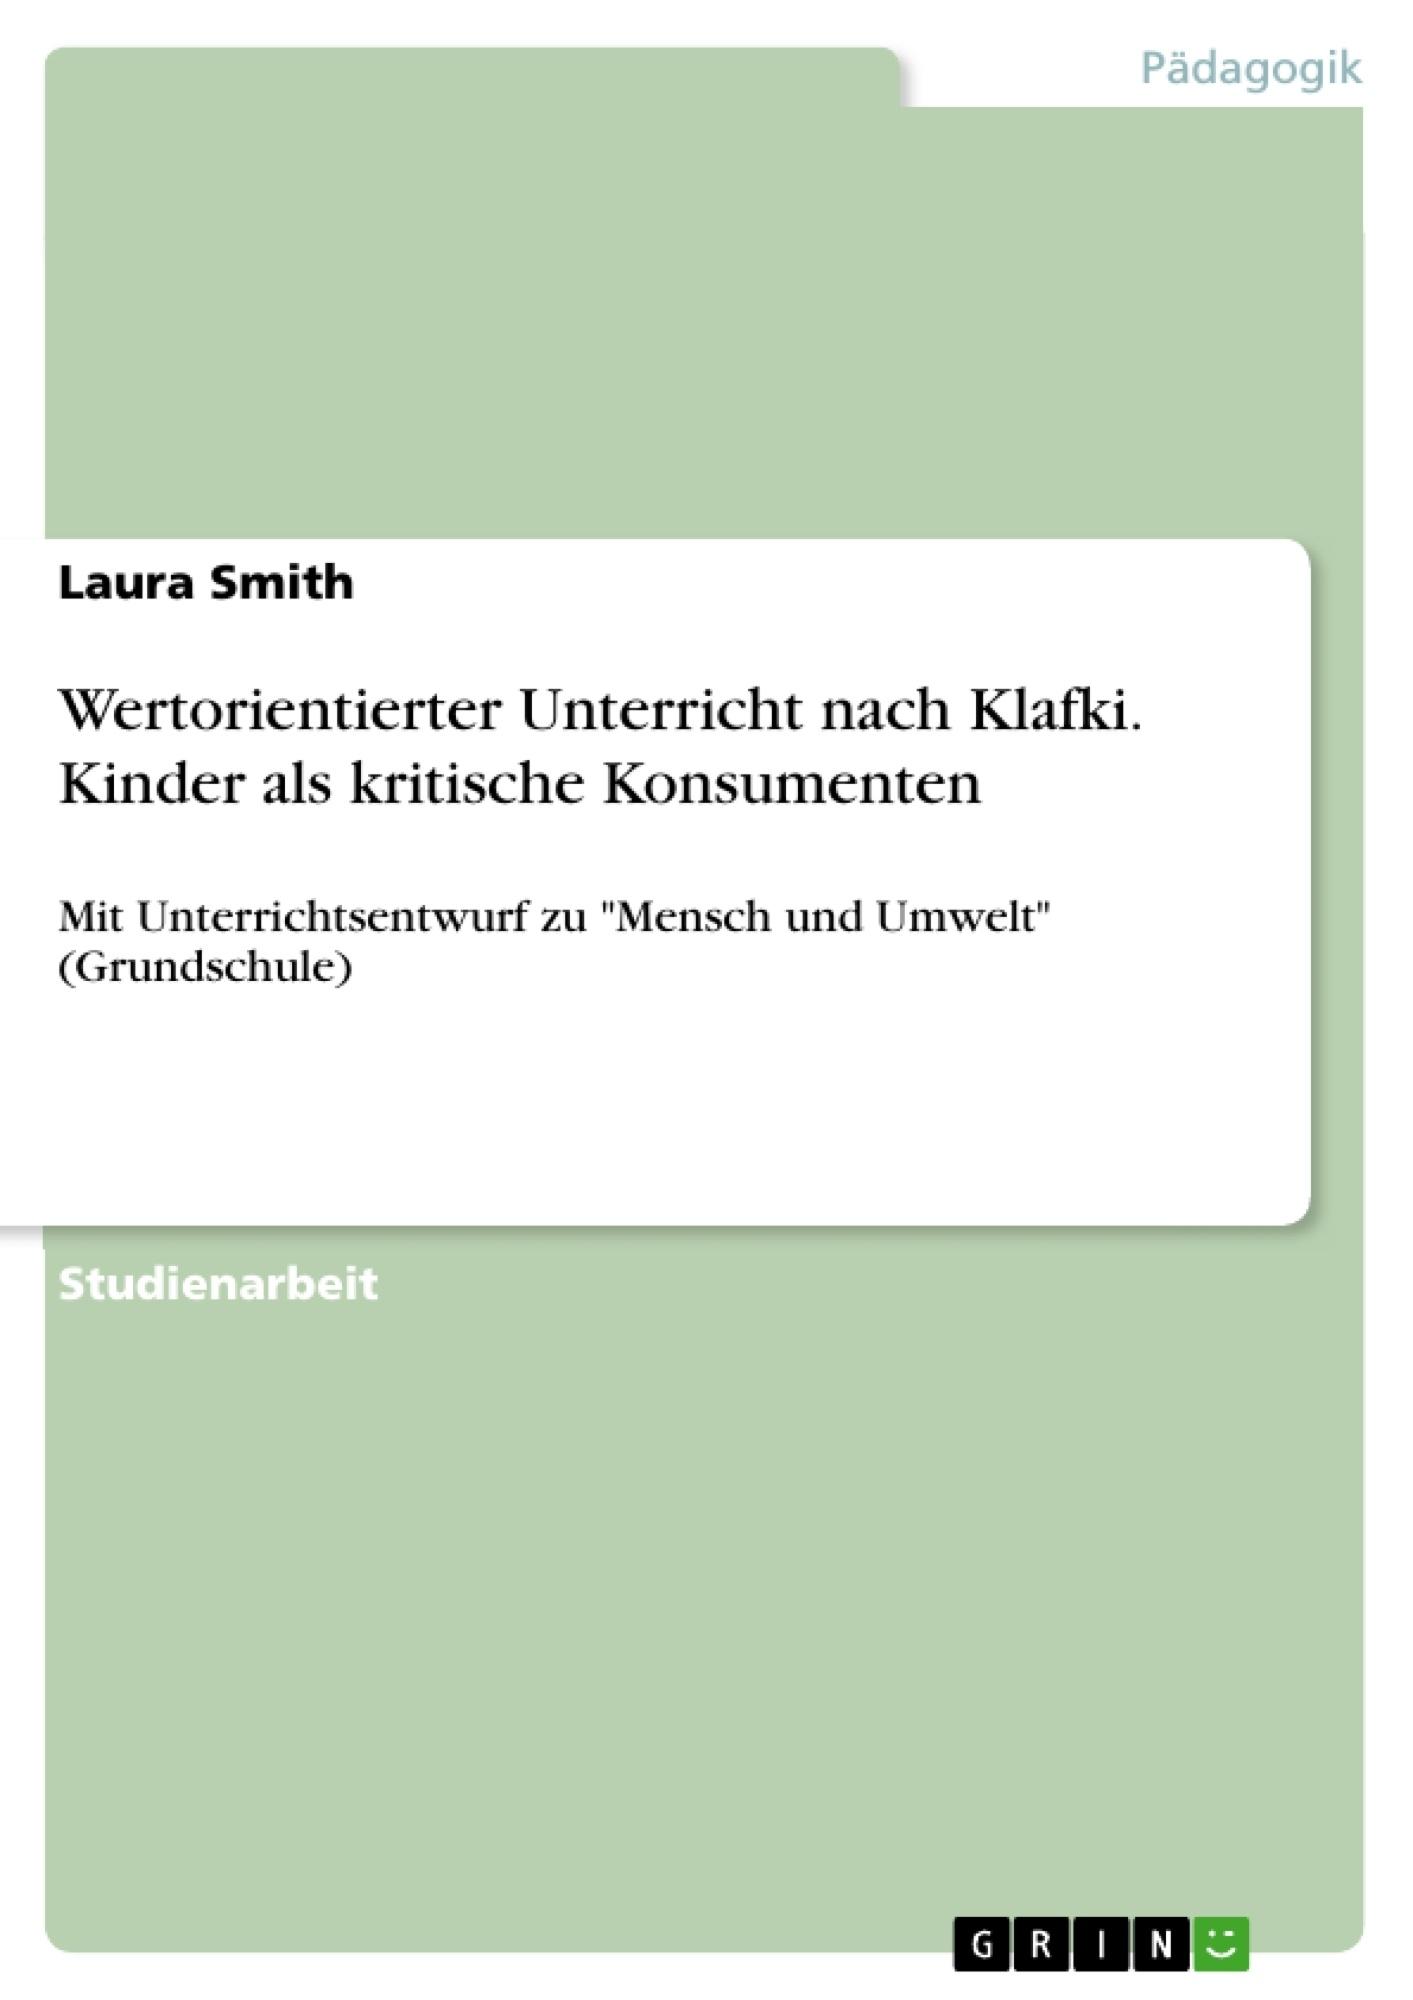 Titel: Wertorientierter Unterricht nach Klafki. Kinder als kritische Konsumenten